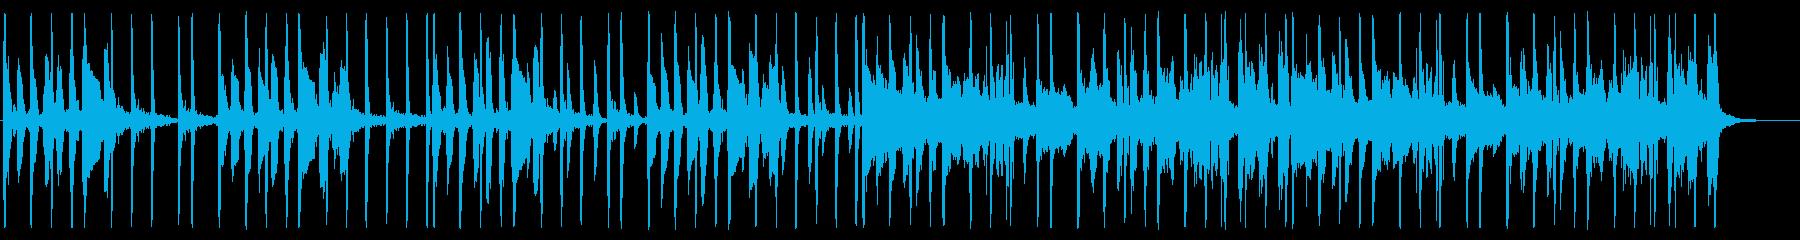 土臭い/ファンク_No497_2の再生済みの波形